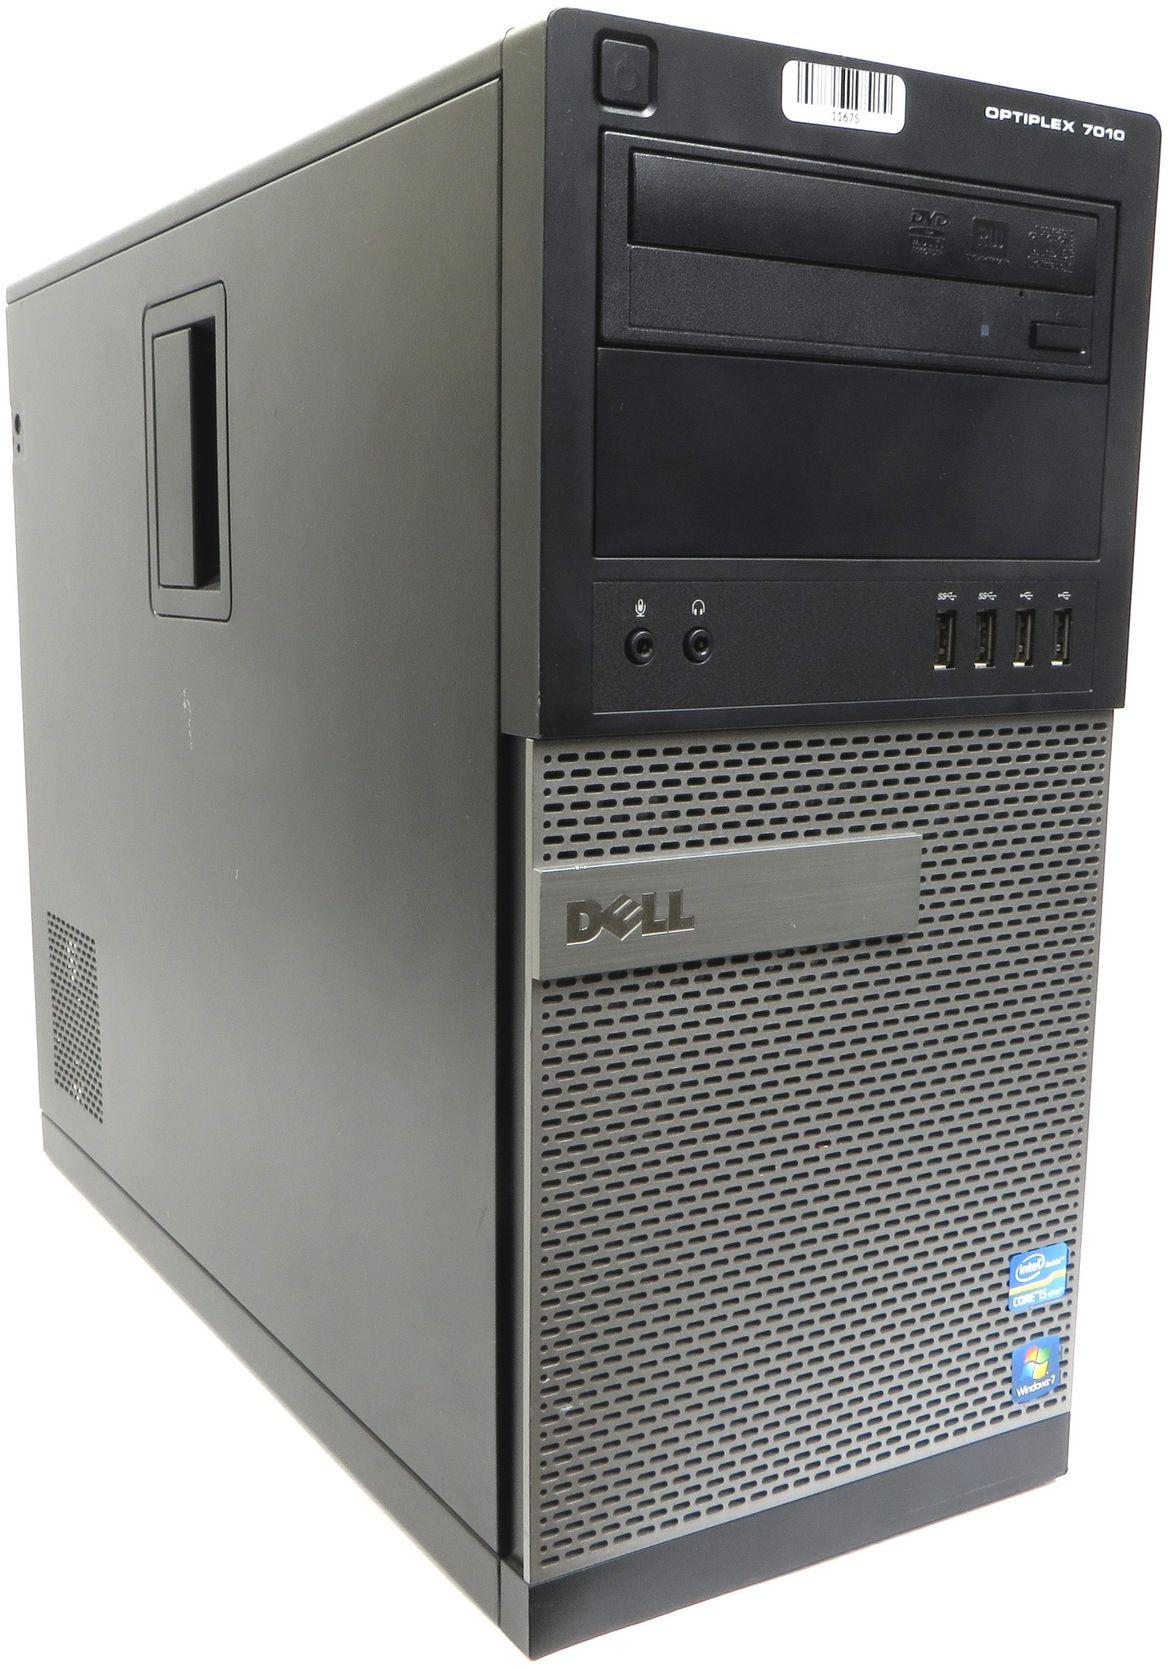 Komputer Dell OptiPlex 7010 MidiTower i5-3570 4x3.80GHz 8GB 240GB SSD DVD Windows 7 Professional